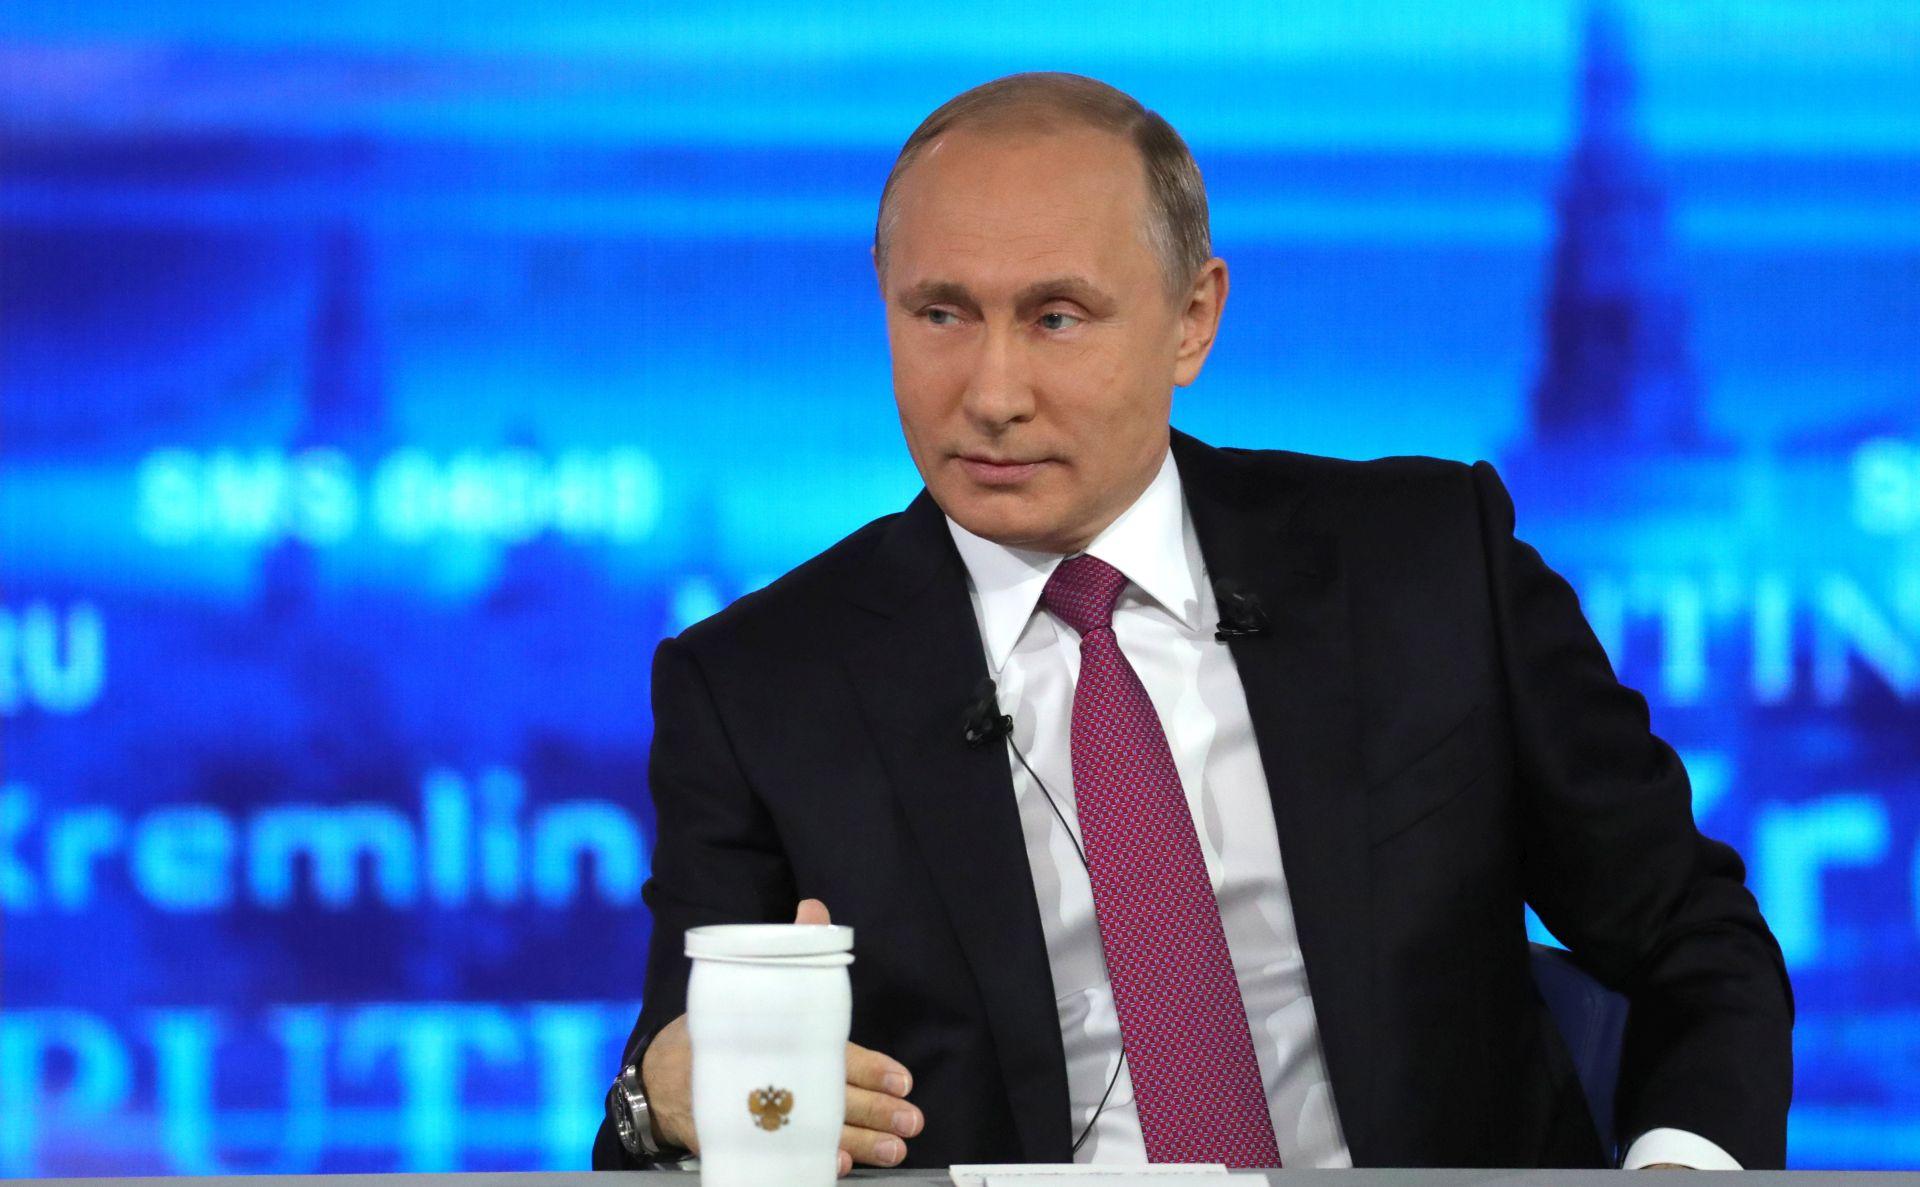 Drugi čovjek Vatikana u posjetu Moskvi razgovarat će o Siriji i Ukrajini